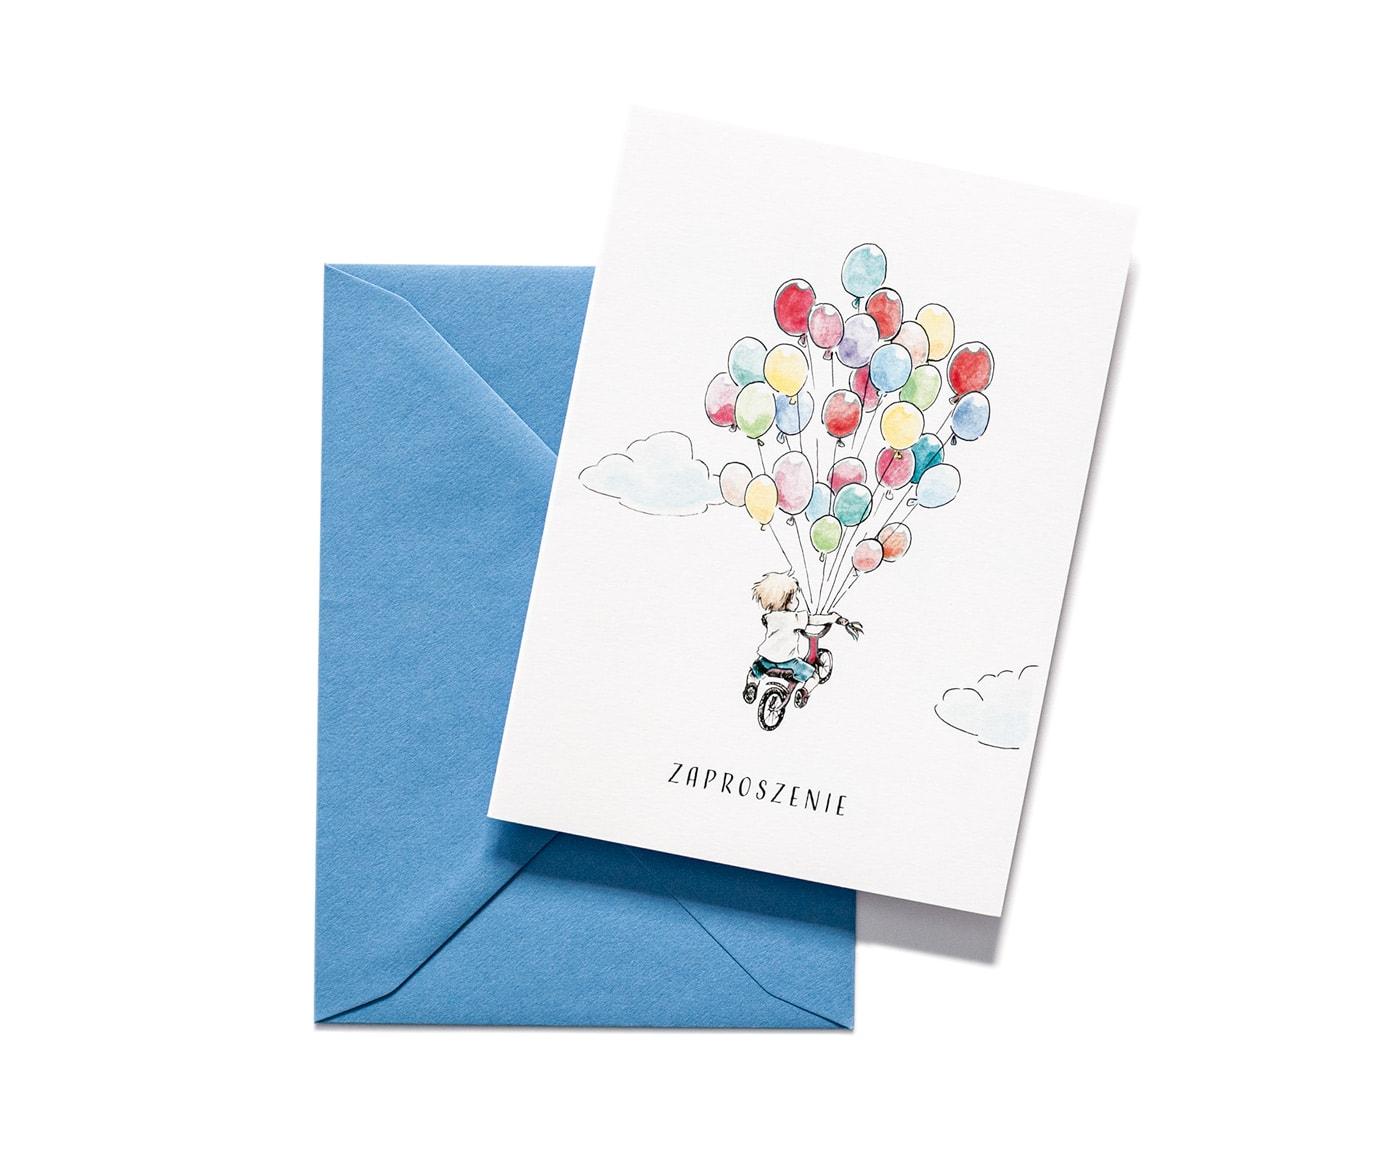 zaproszenia na urodziny dla chłopczyka, kolorowe balony